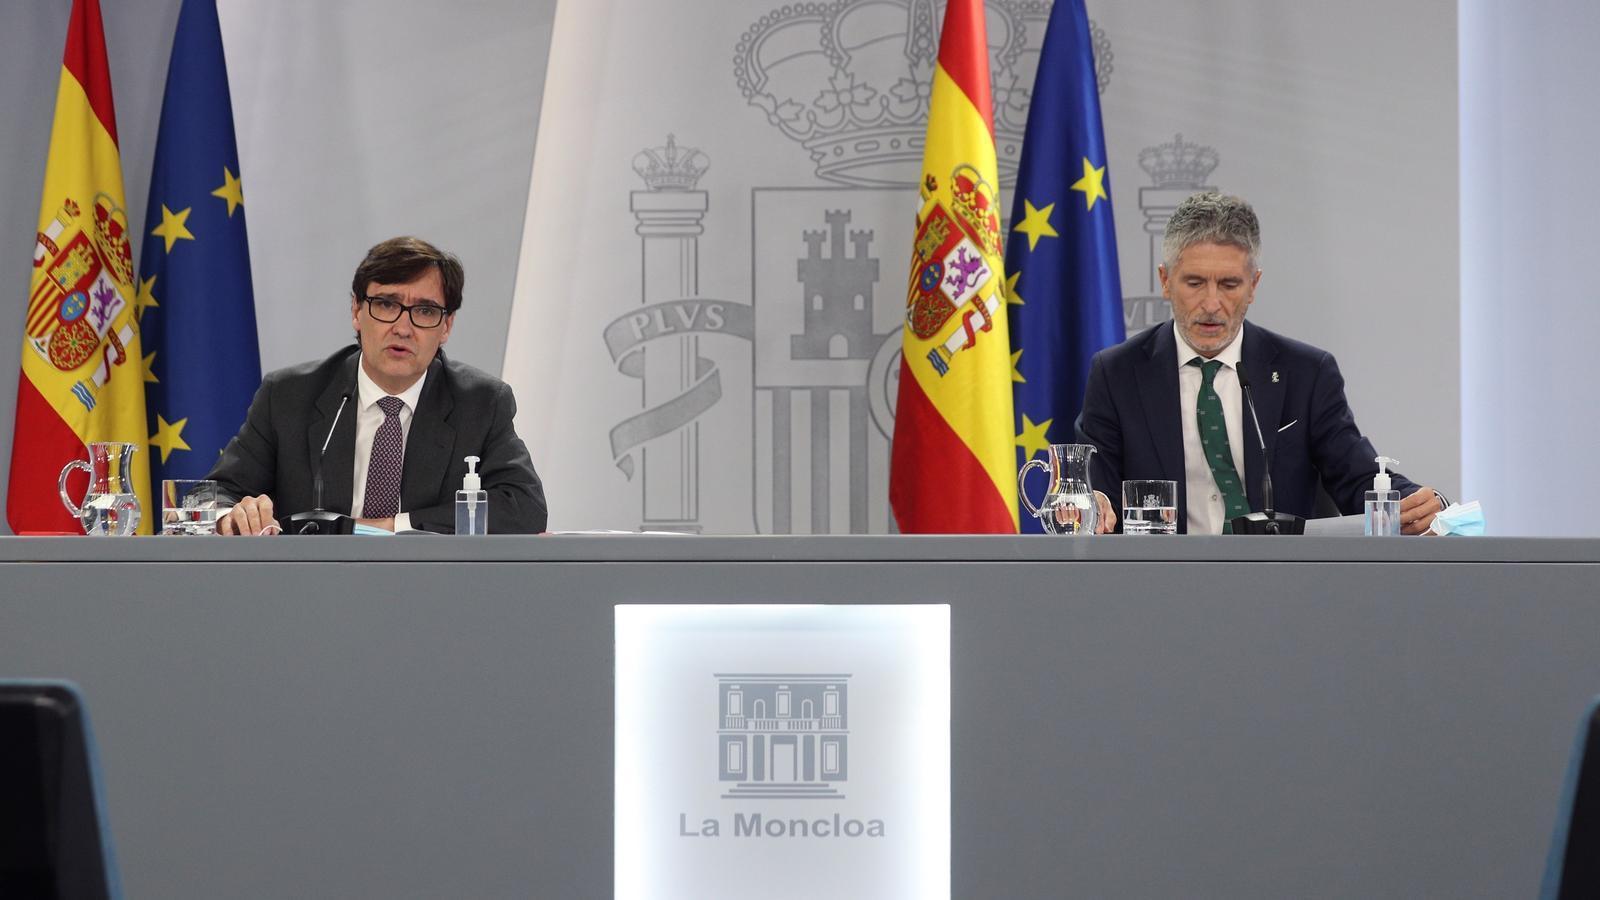 """L'Estat declara l'estat d'alarma a Madrid i hi desplega 7.000 policies: """"La paciència té un límit"""""""